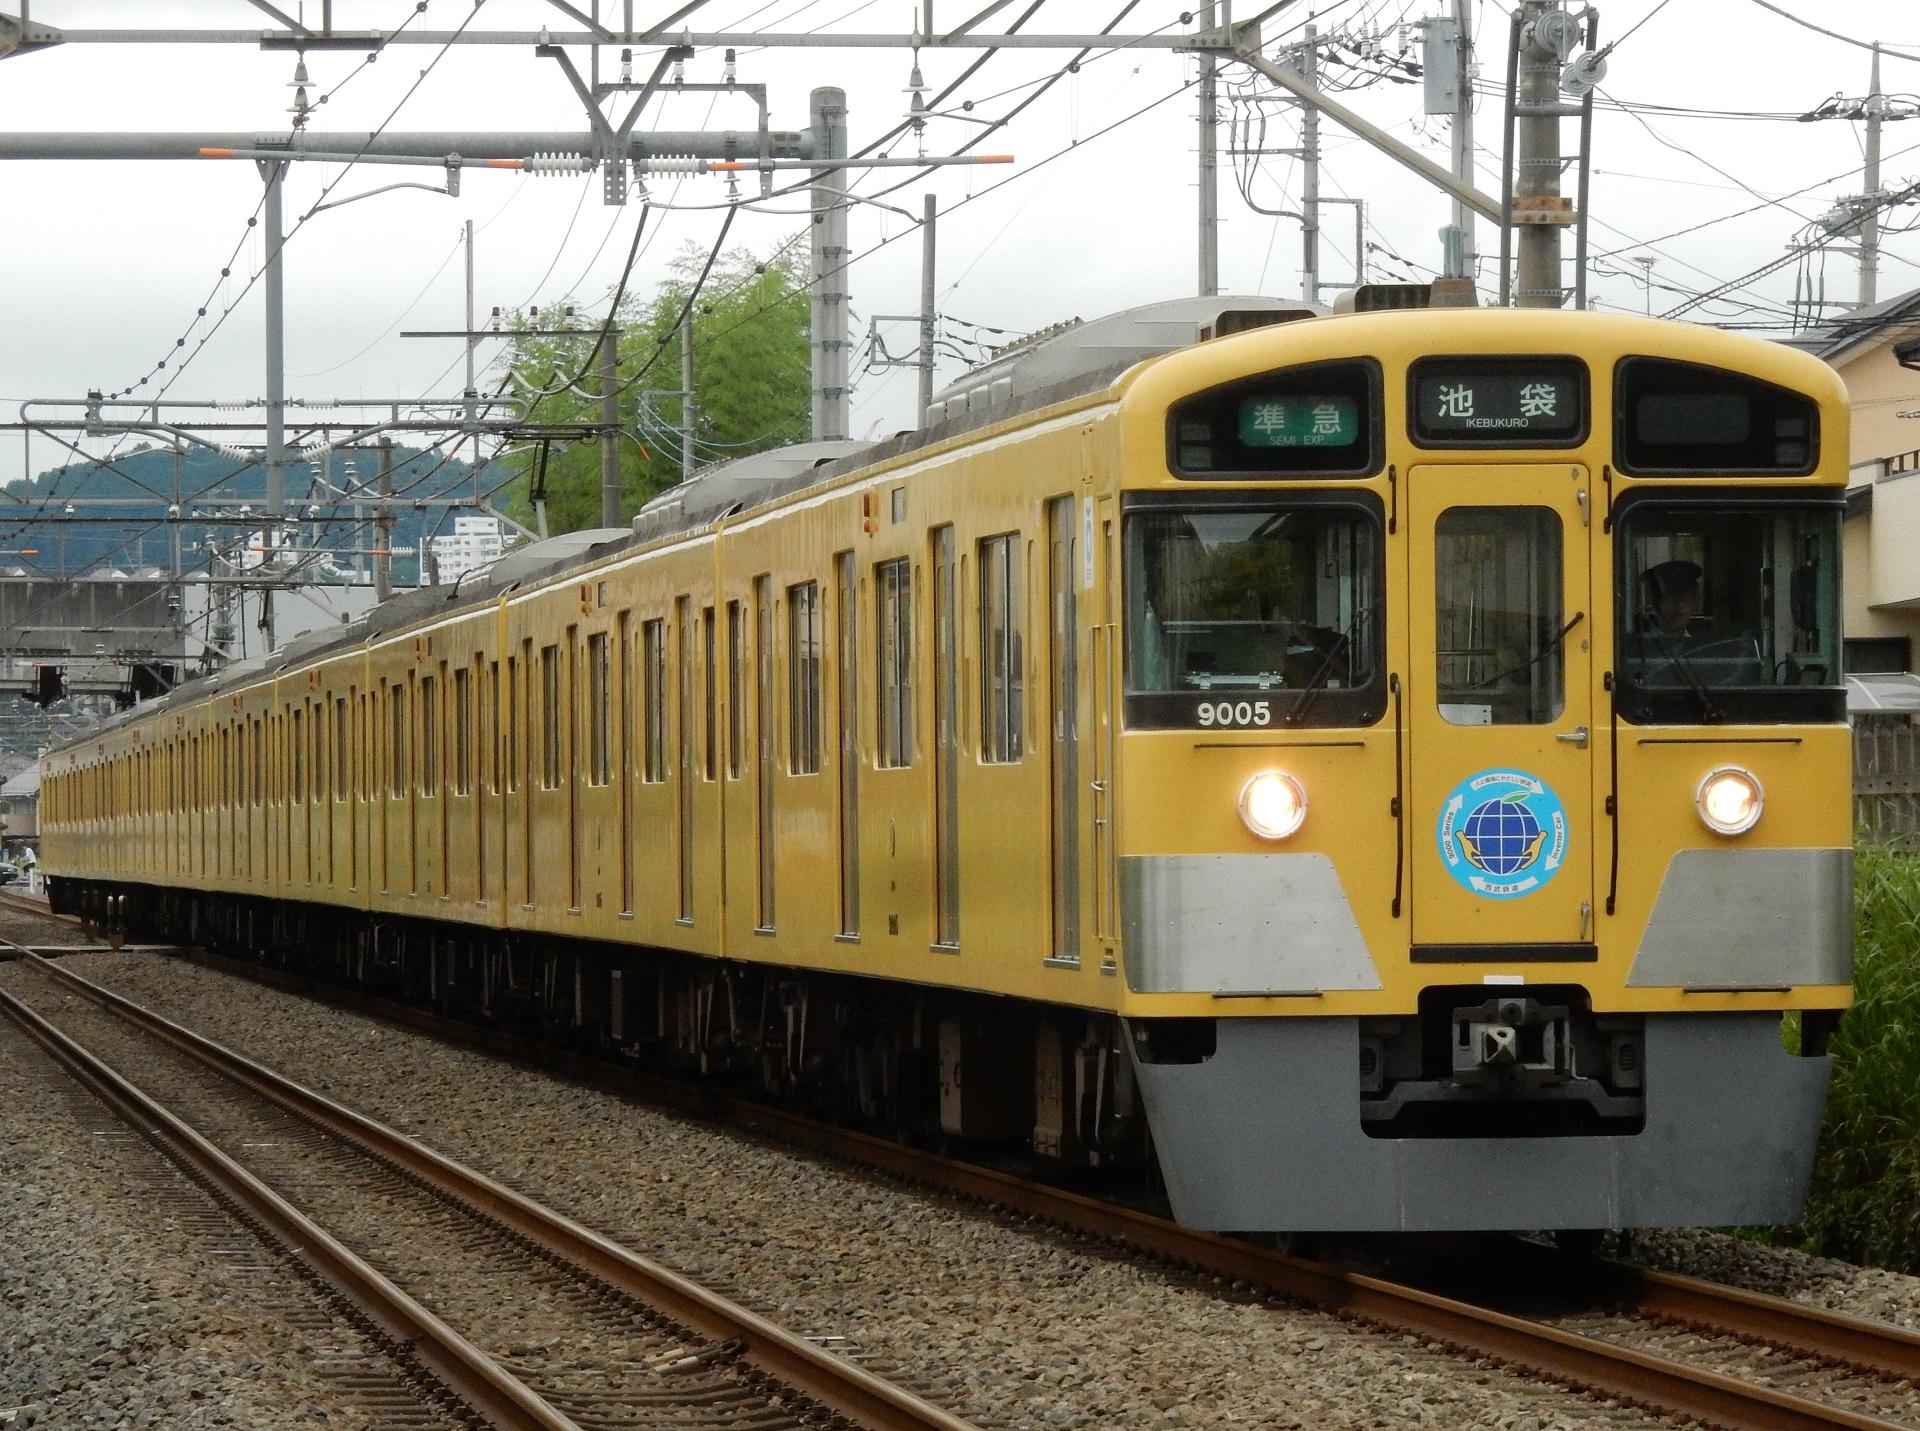 DSCN2173 - コピー